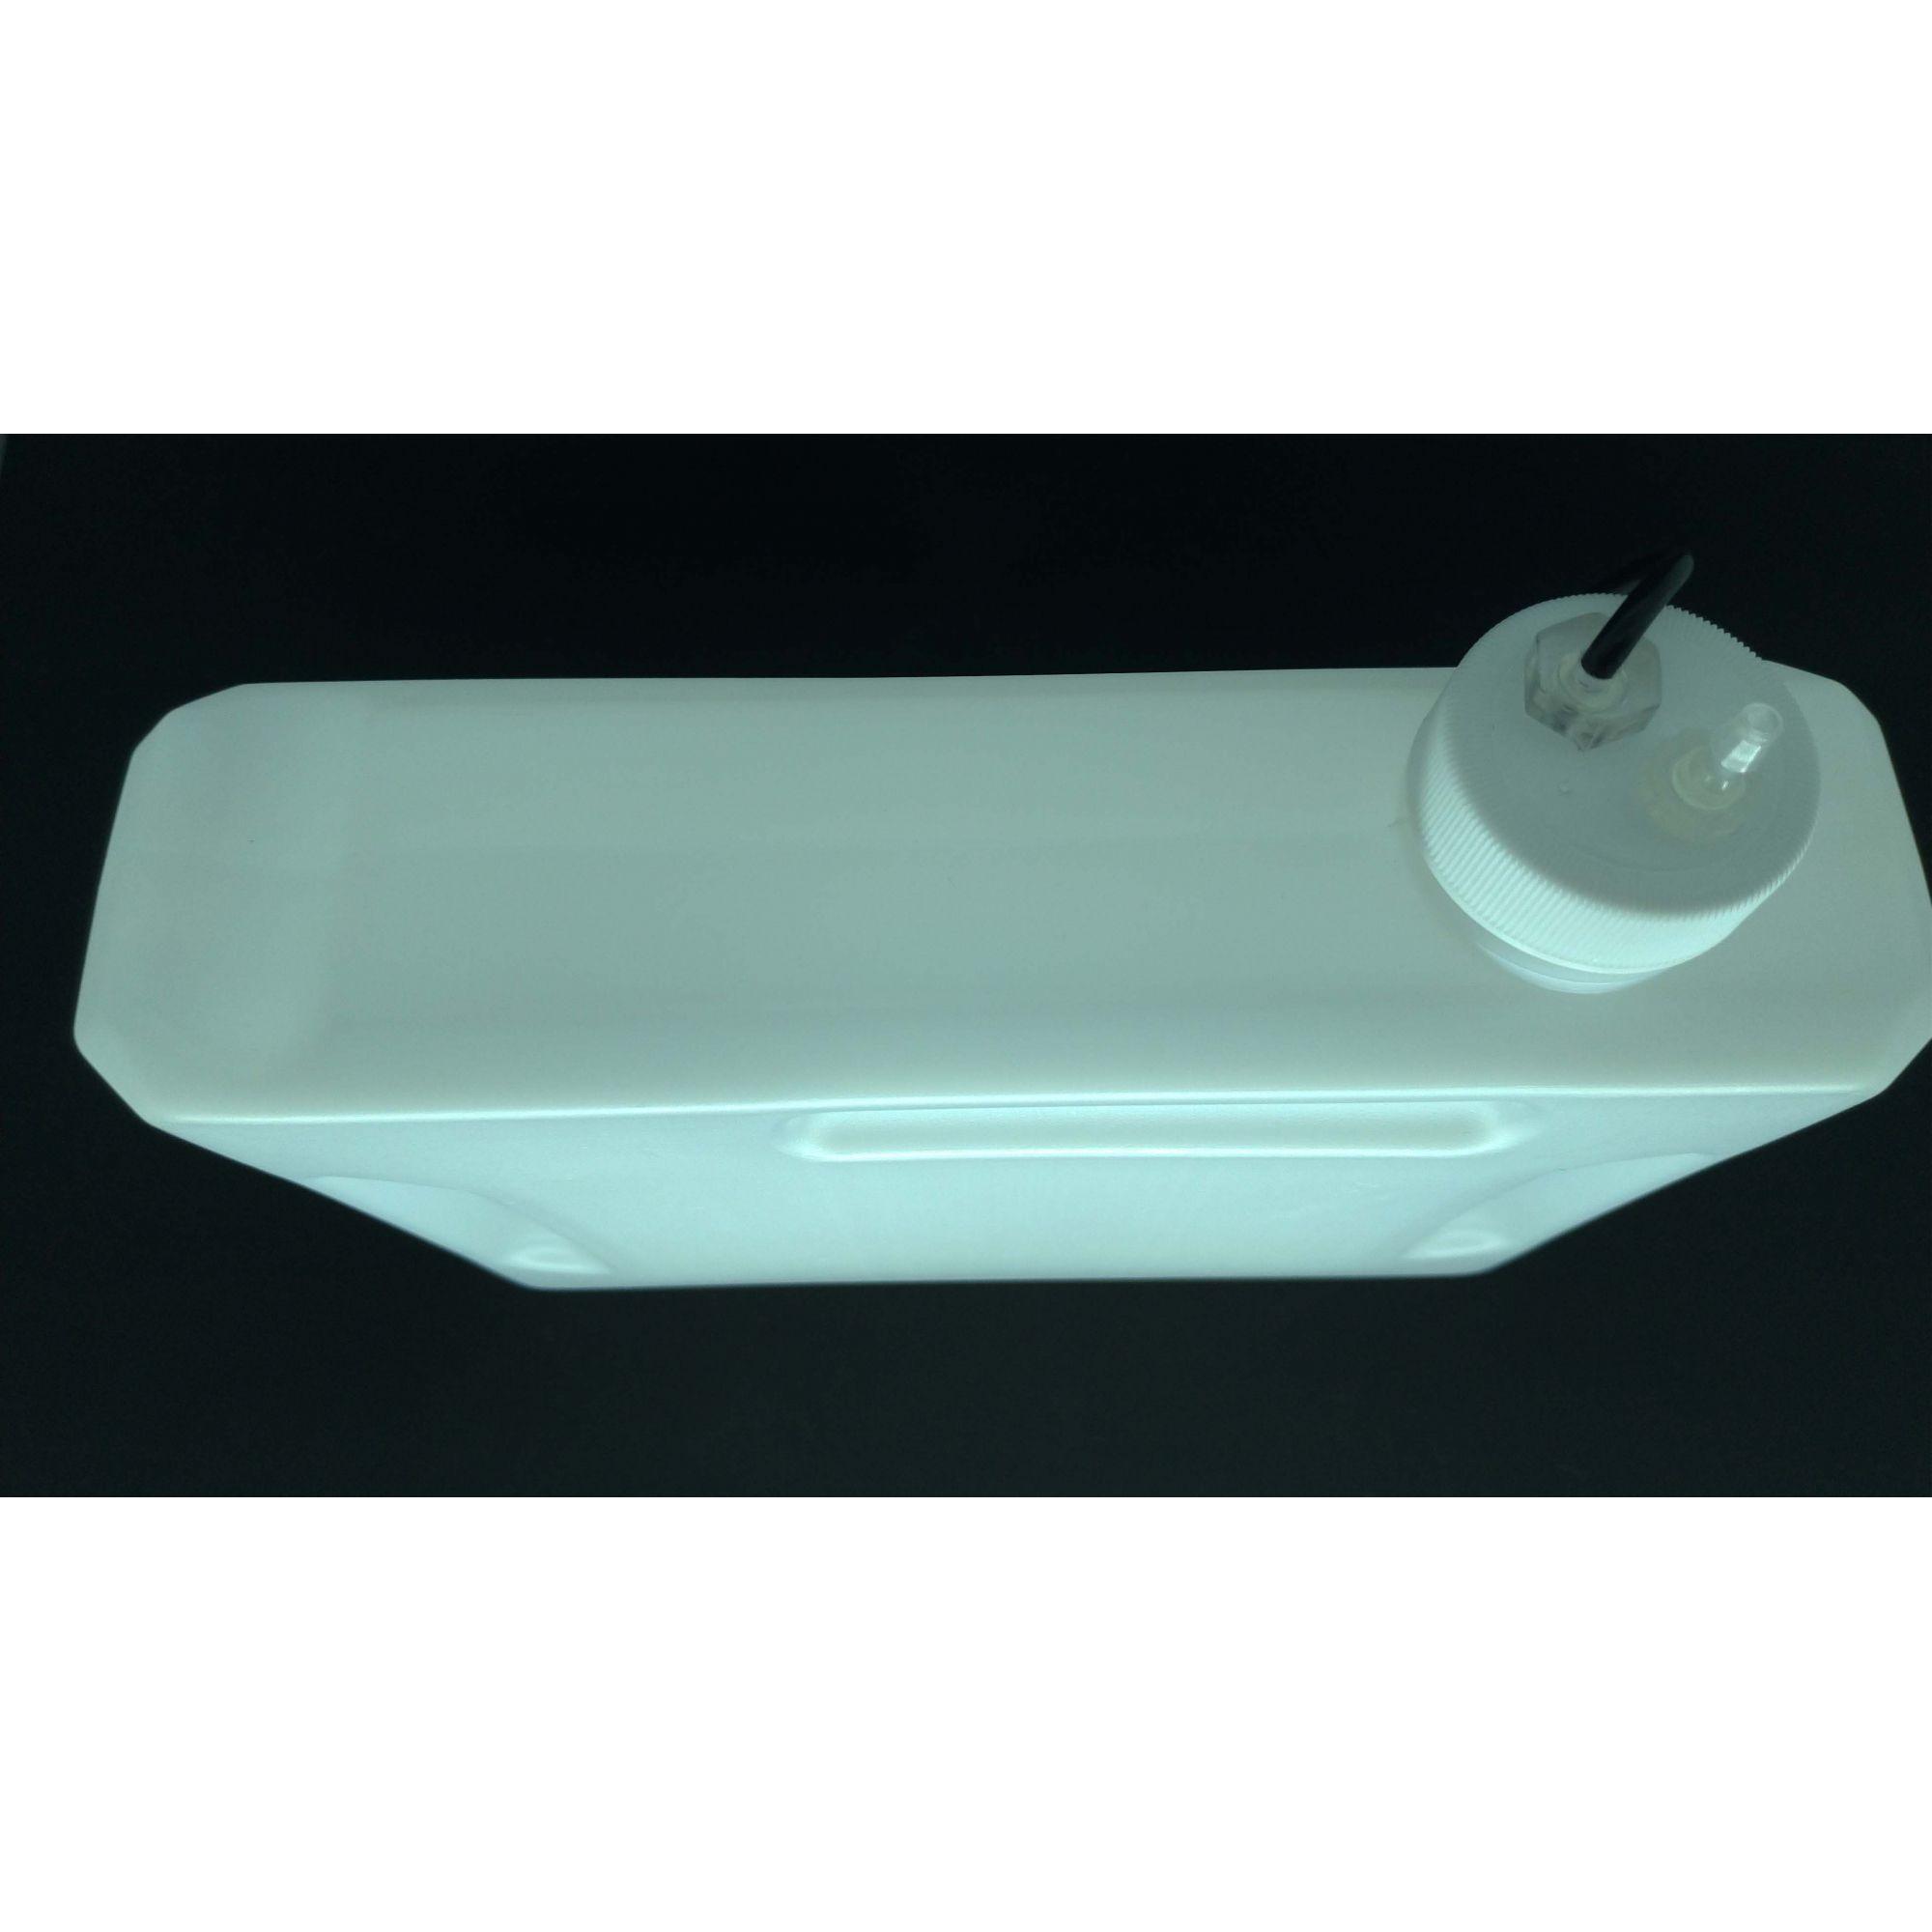 Kamoer Compartimento Plástico com Sensor de Nível Mg